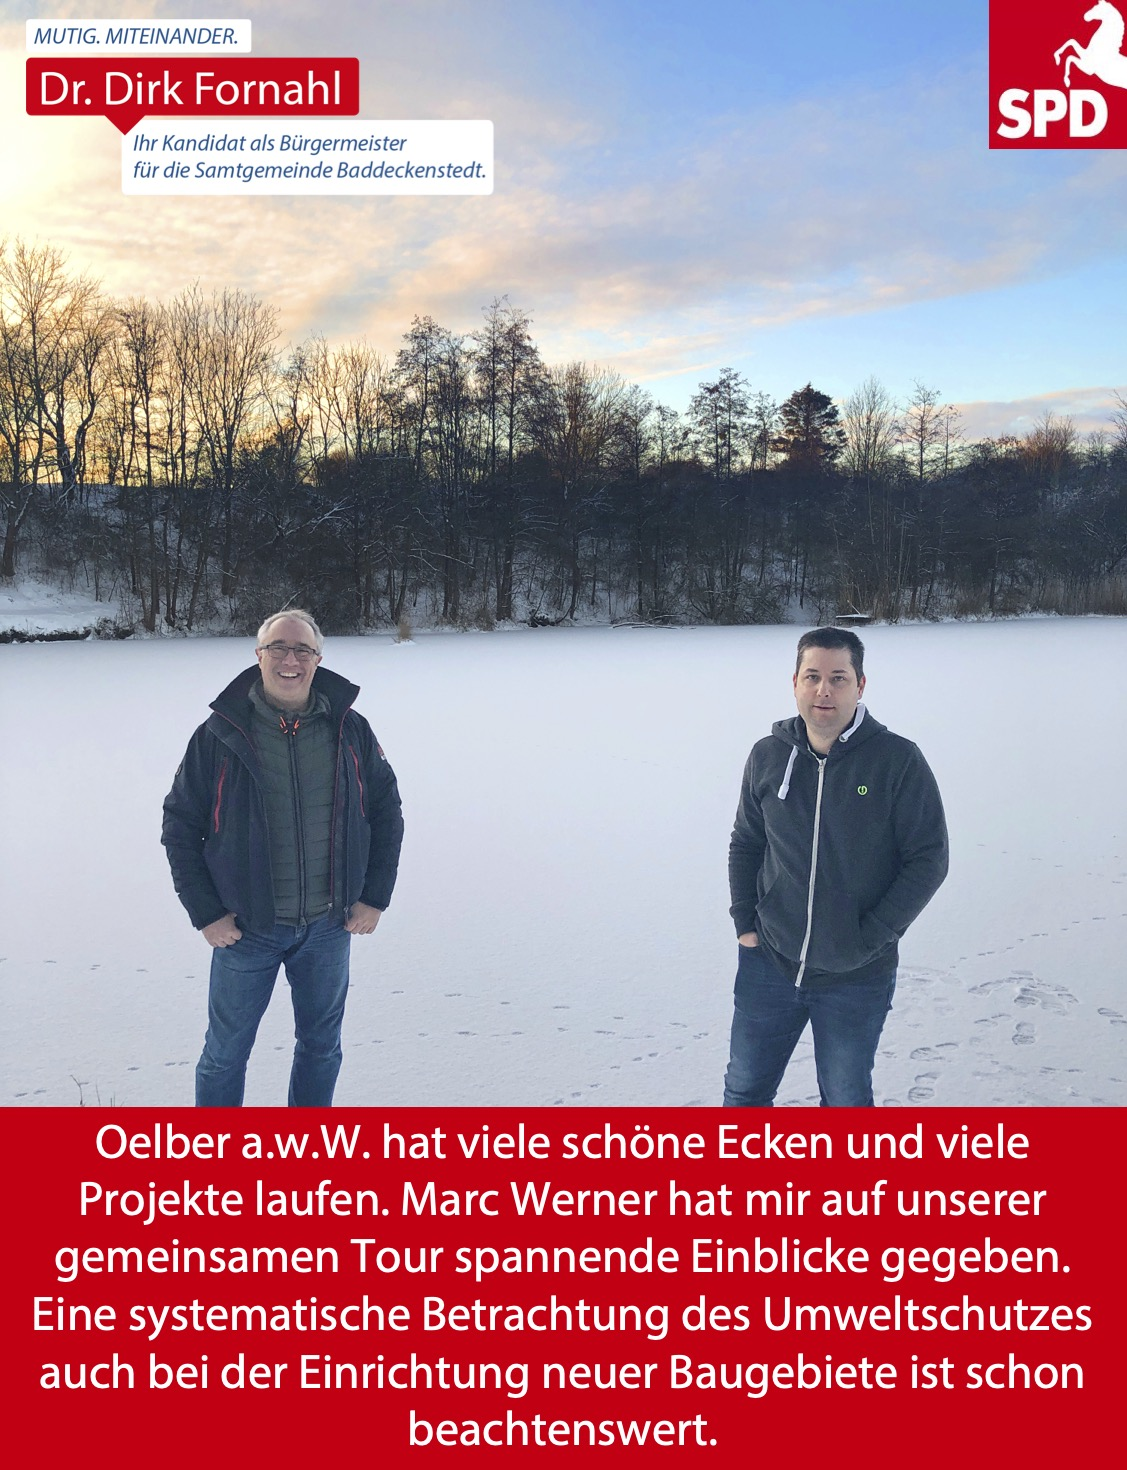 Dirk Fornahl in Oelber